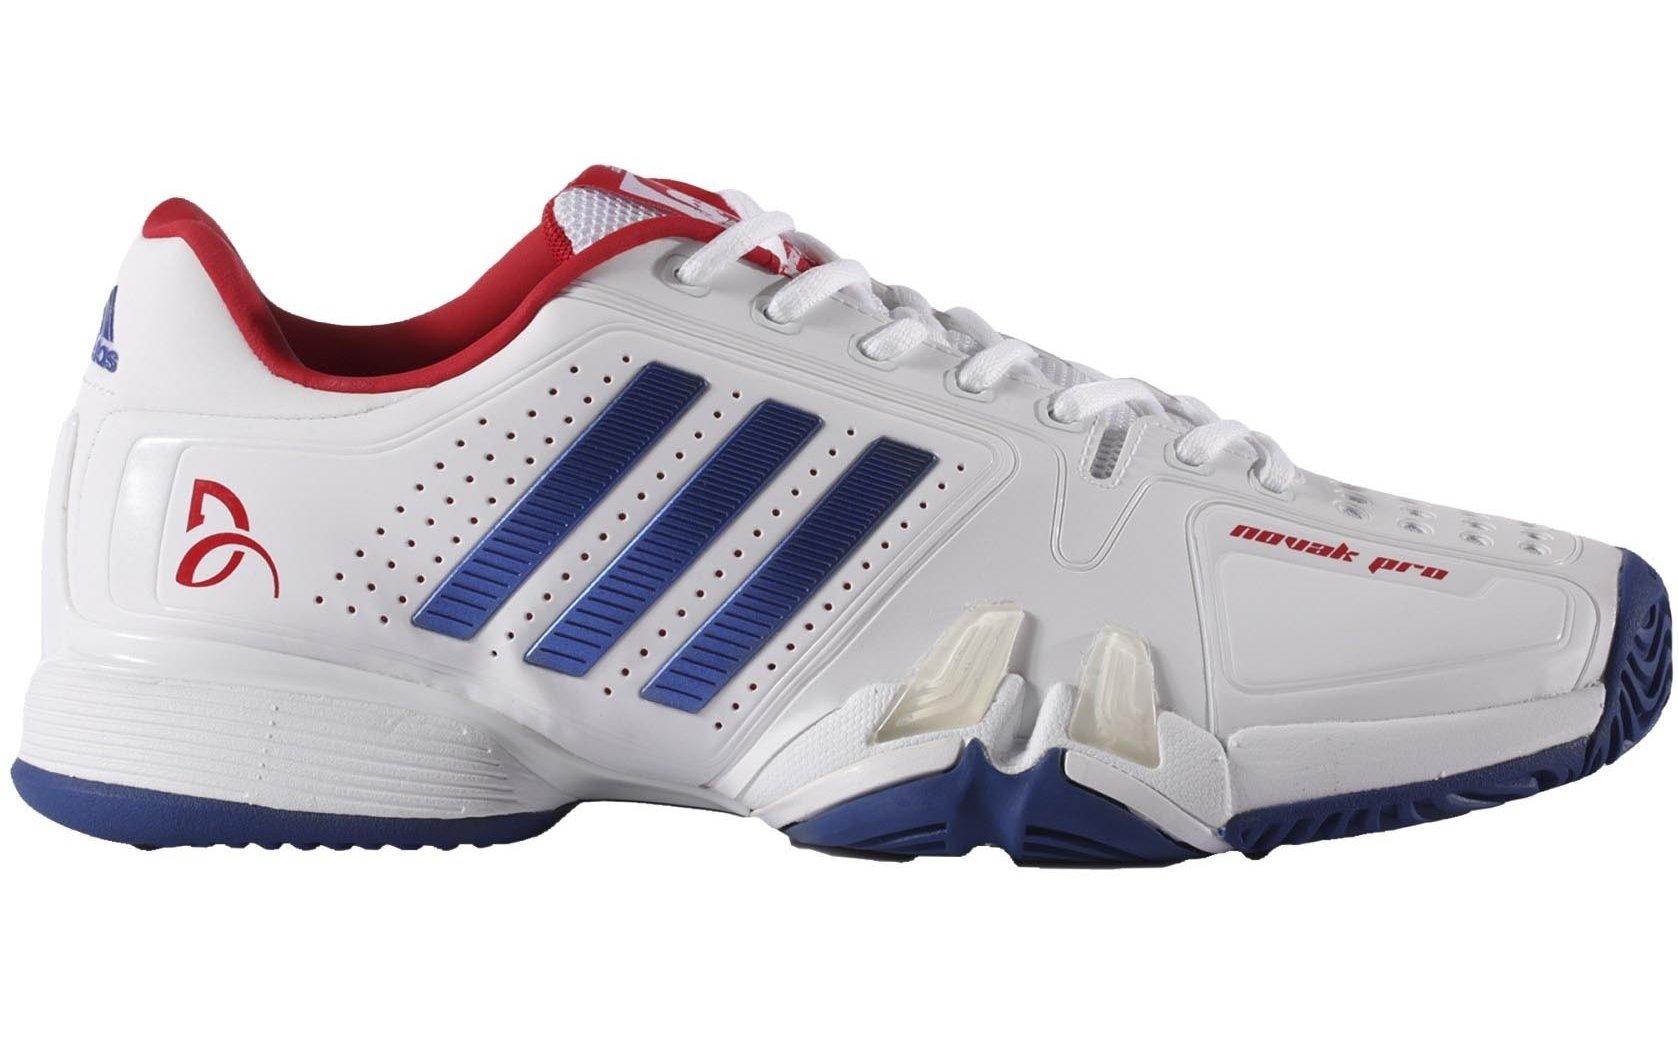 newest 7c4b7 8e1e0 Galleon - Adidas Barricade Novak Pro Men s Tennis Shoe White Blue Red (8.5)